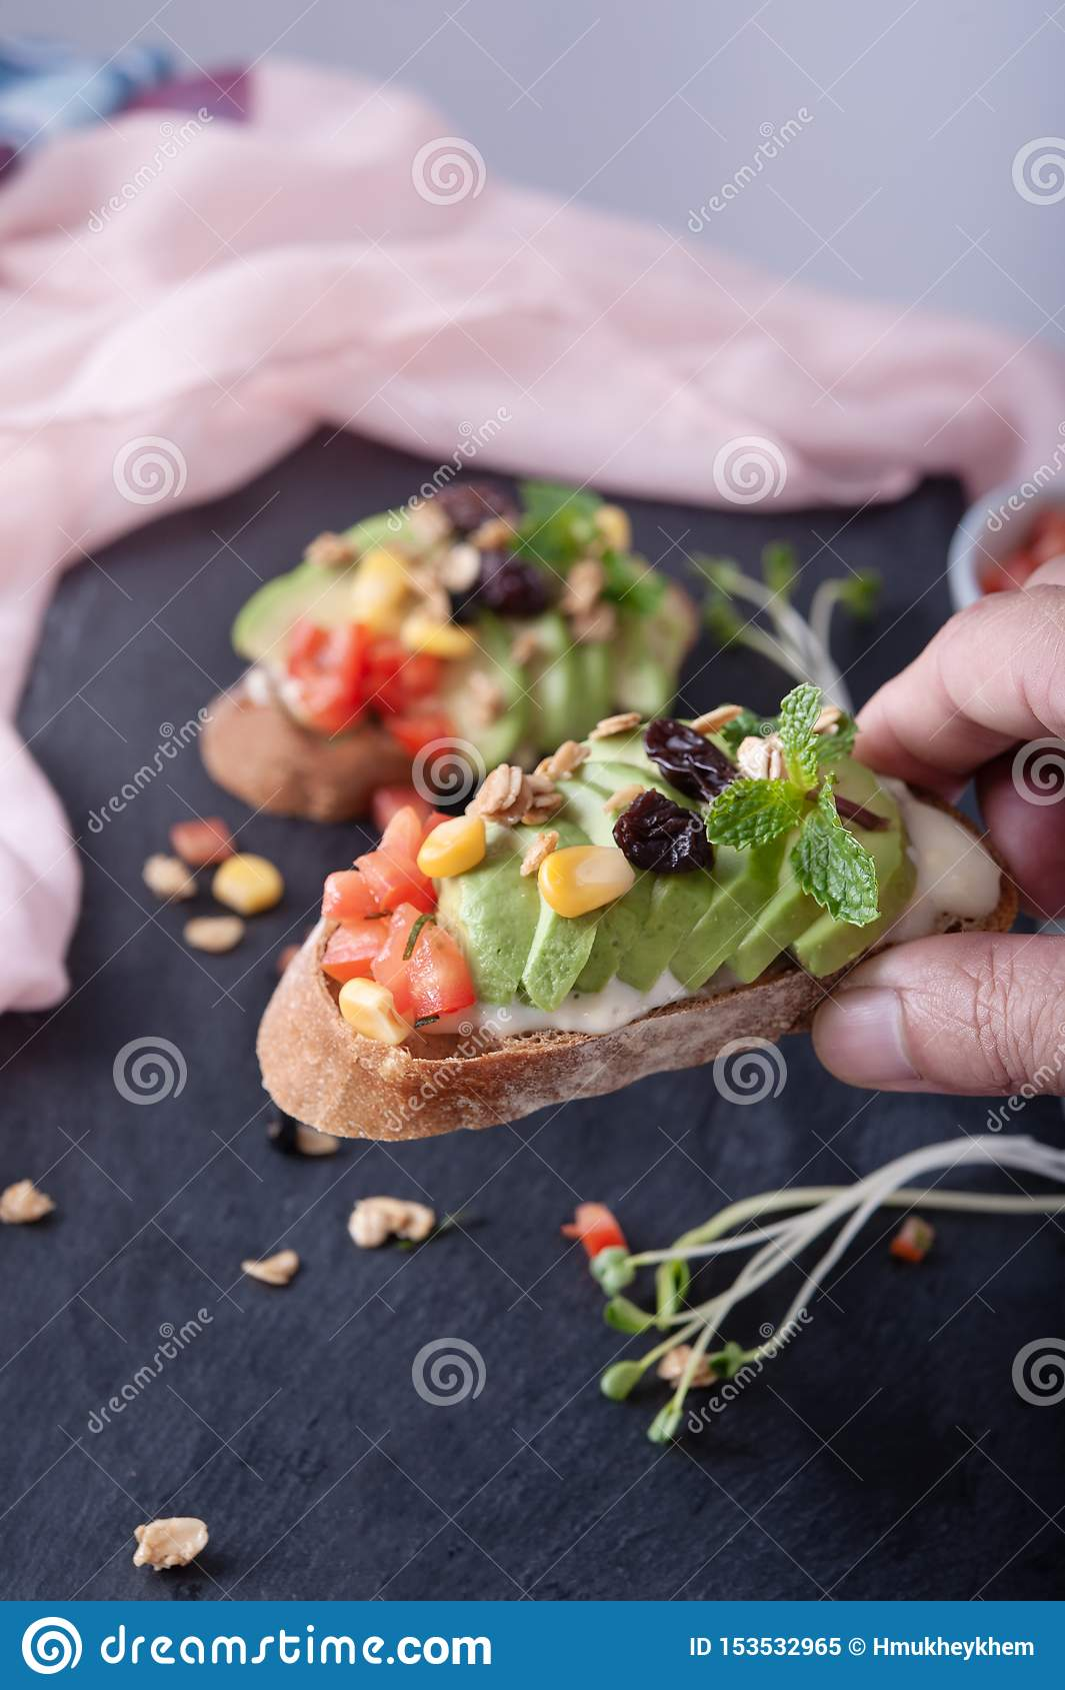 Sandwiches avocado tomato corn grains